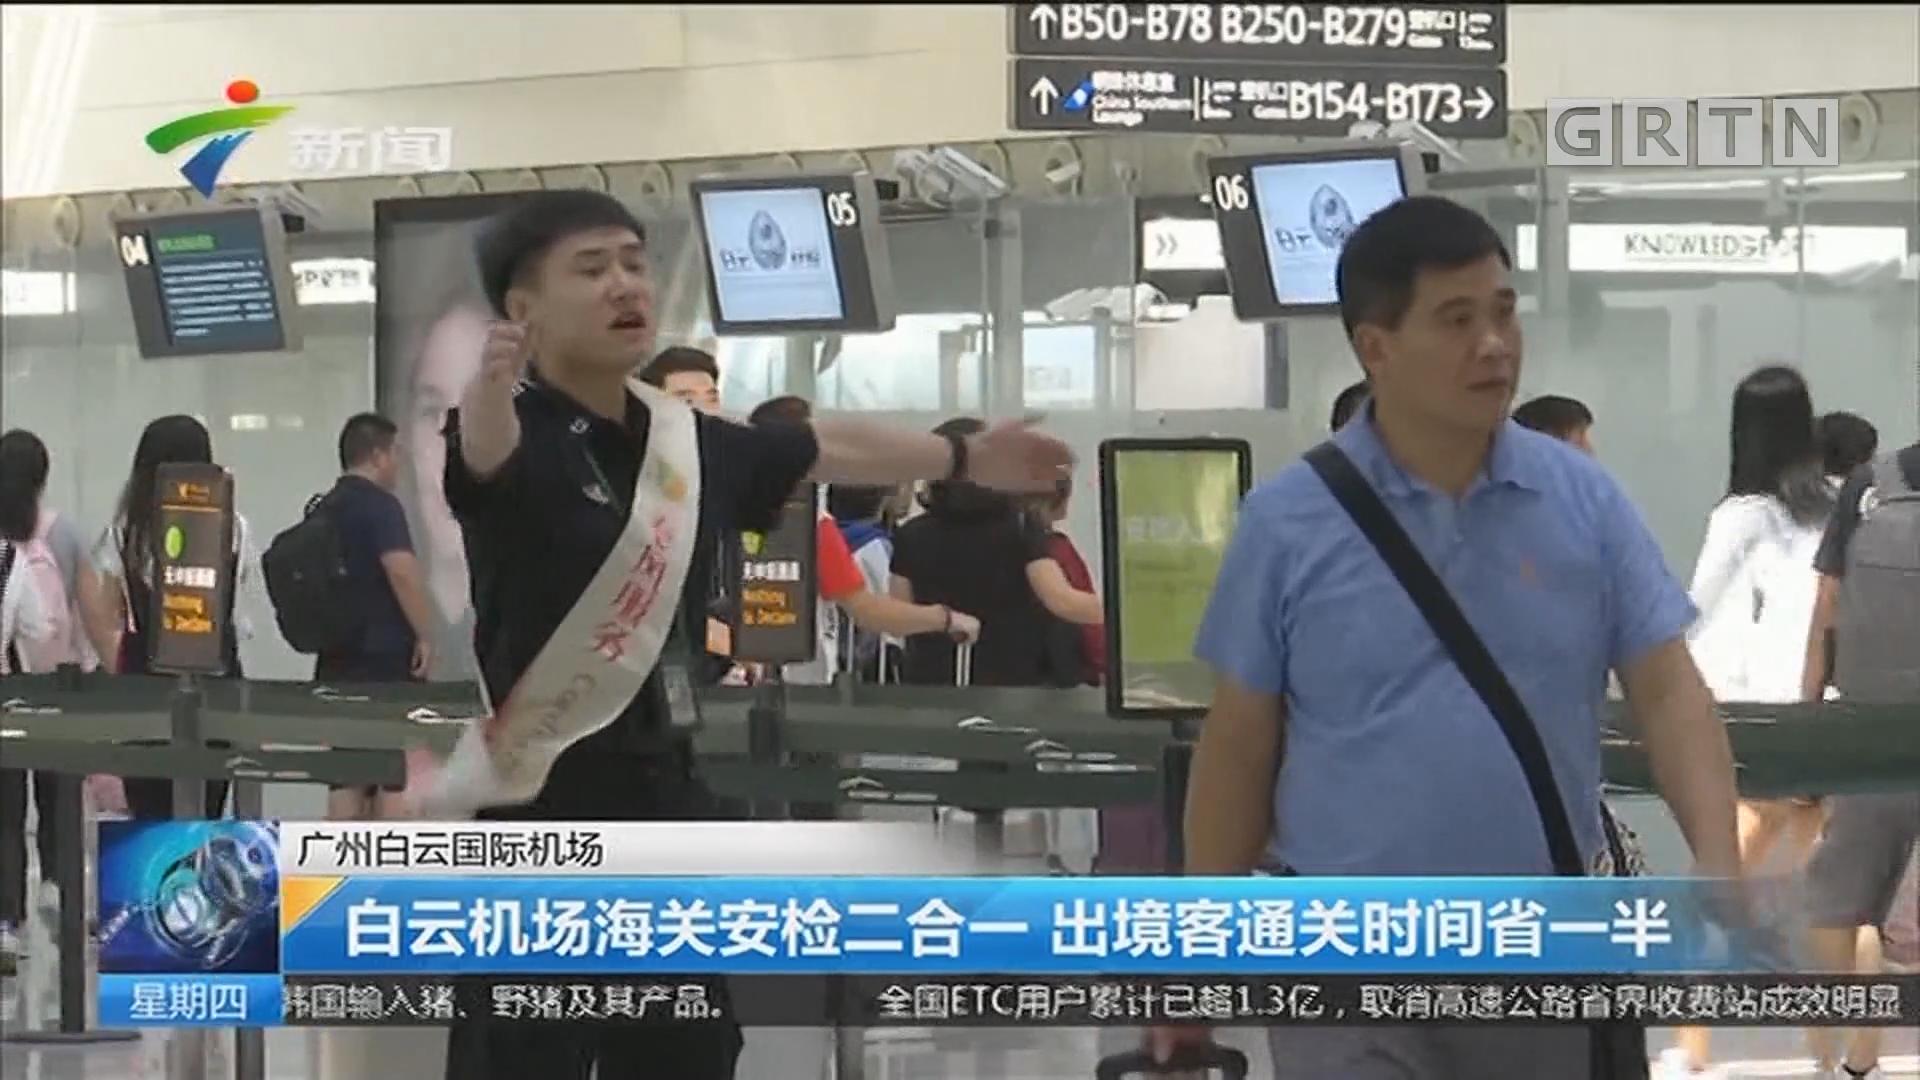 广州白云国际机场:白云机场海关安检二合一 出境客通关时间省一半